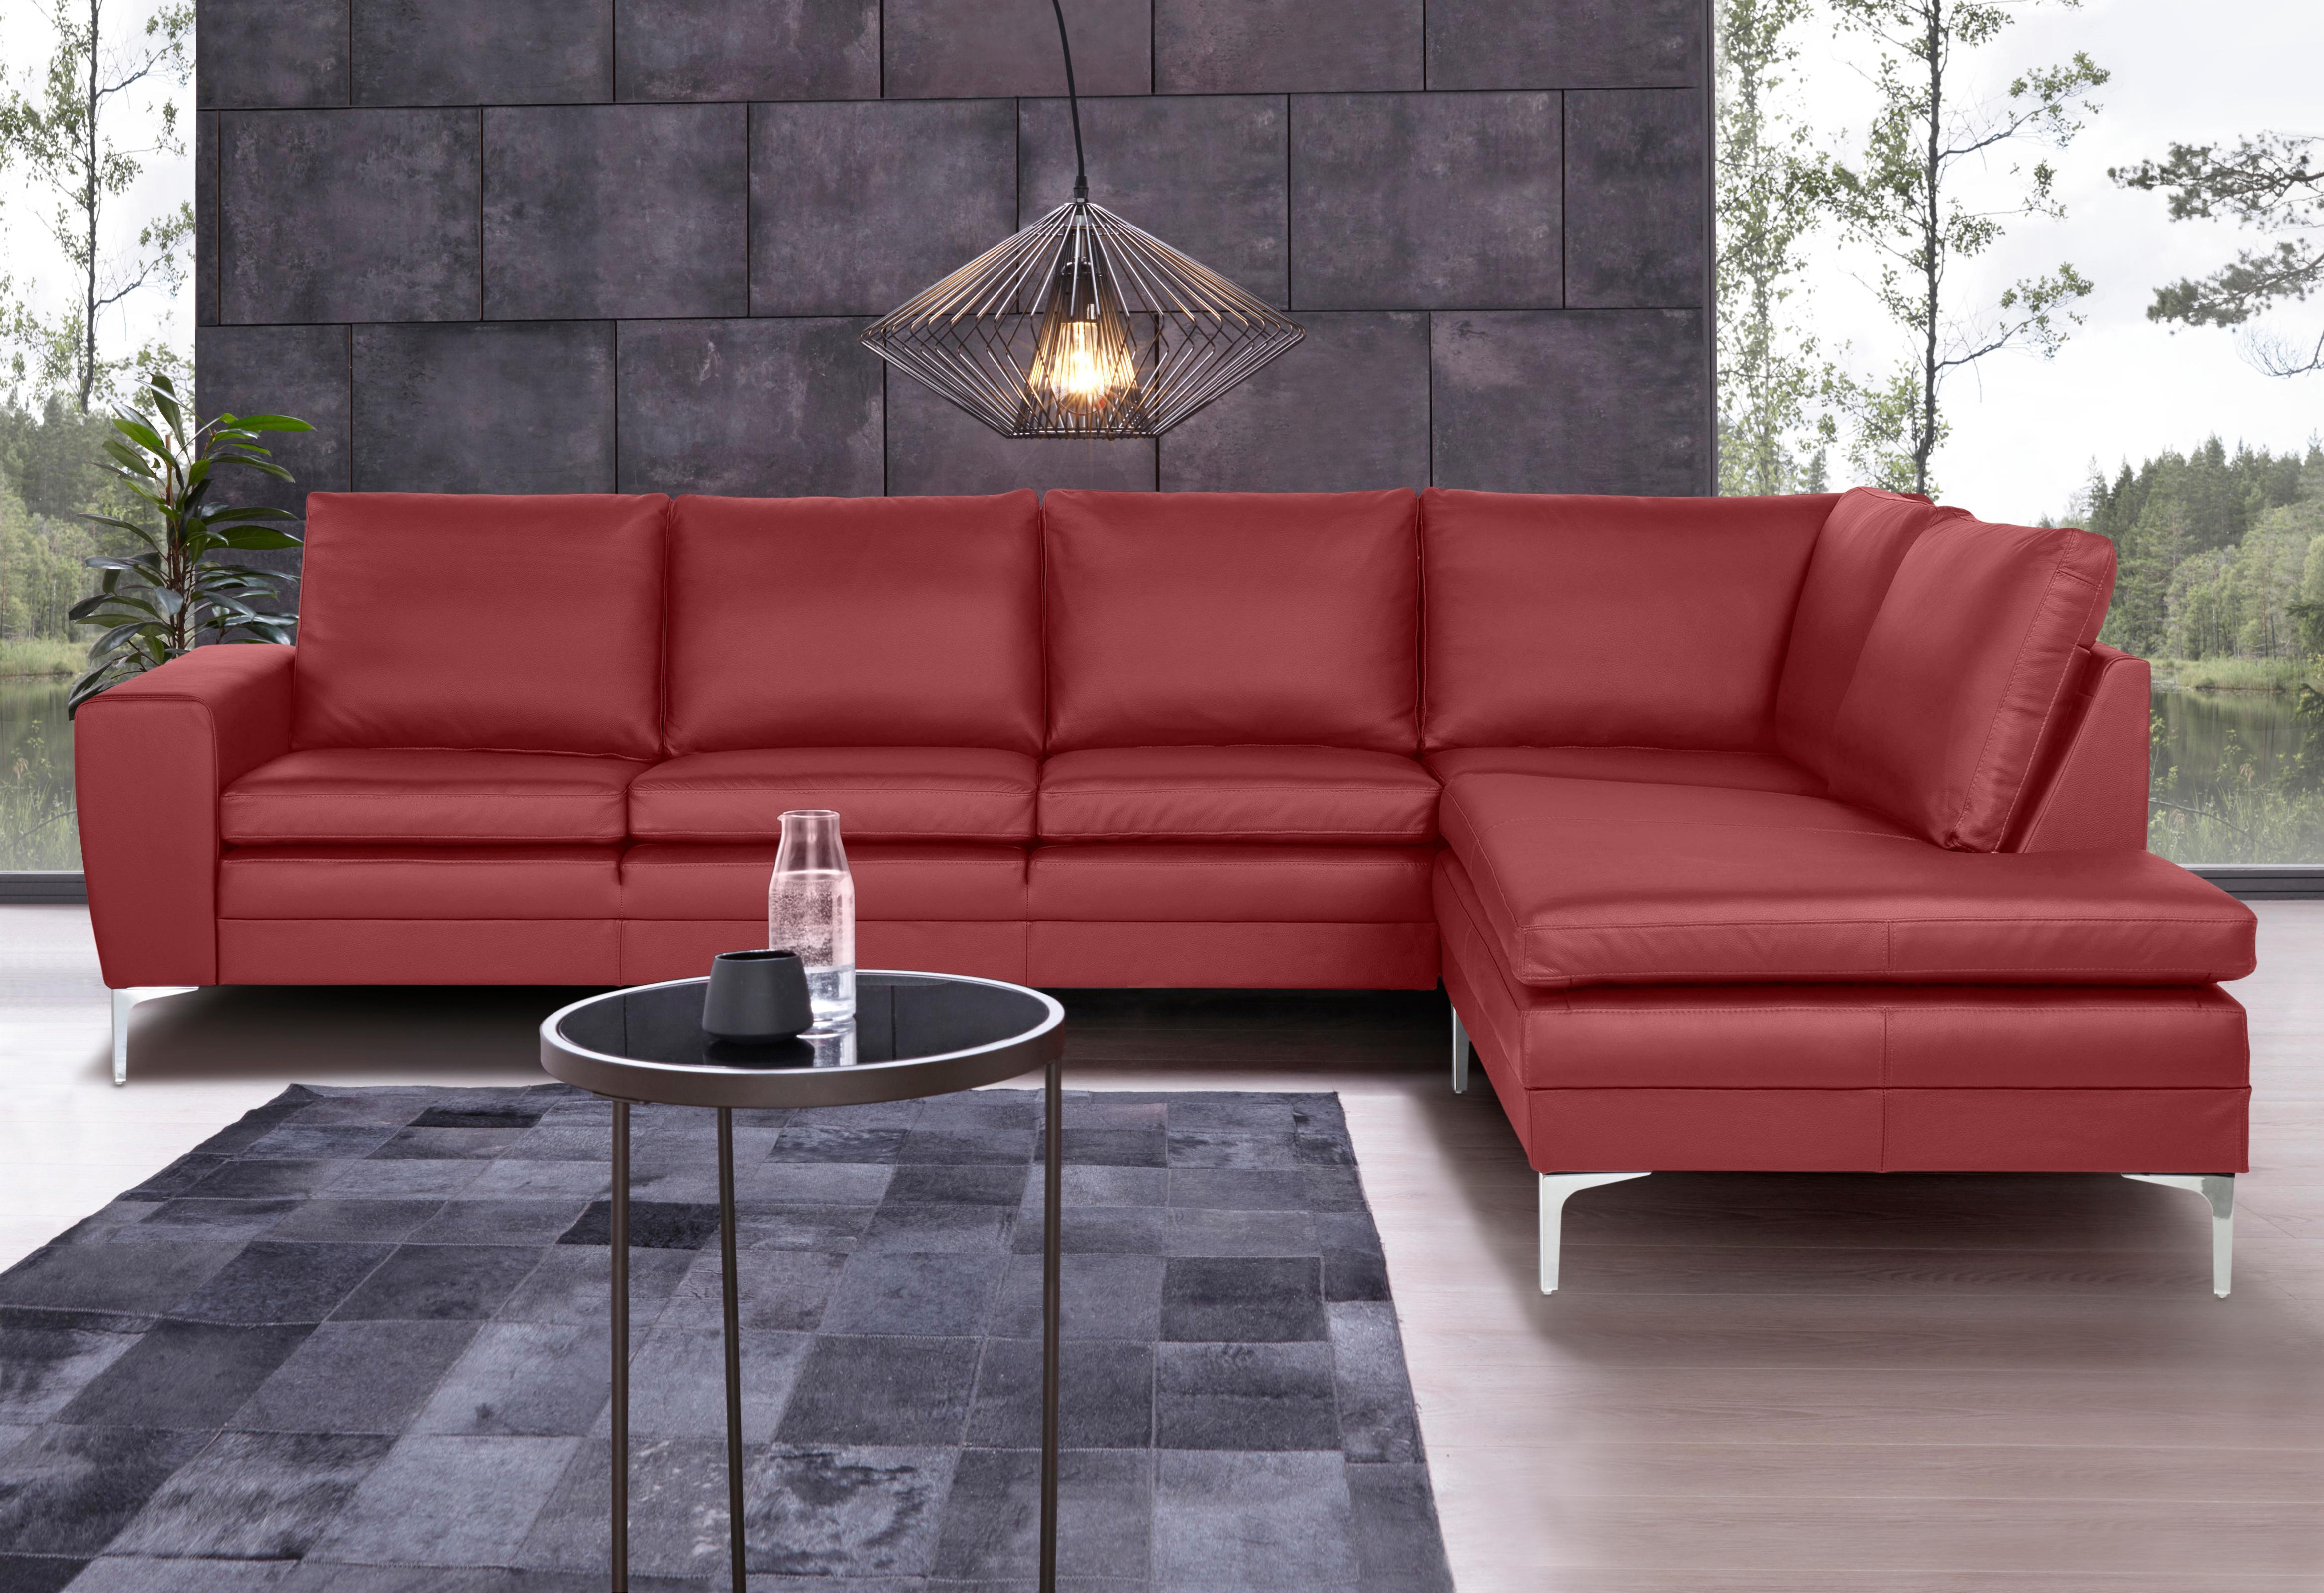 Places of Style Ecksofa Twigo in Echleder mit hohem Sitzkomfort